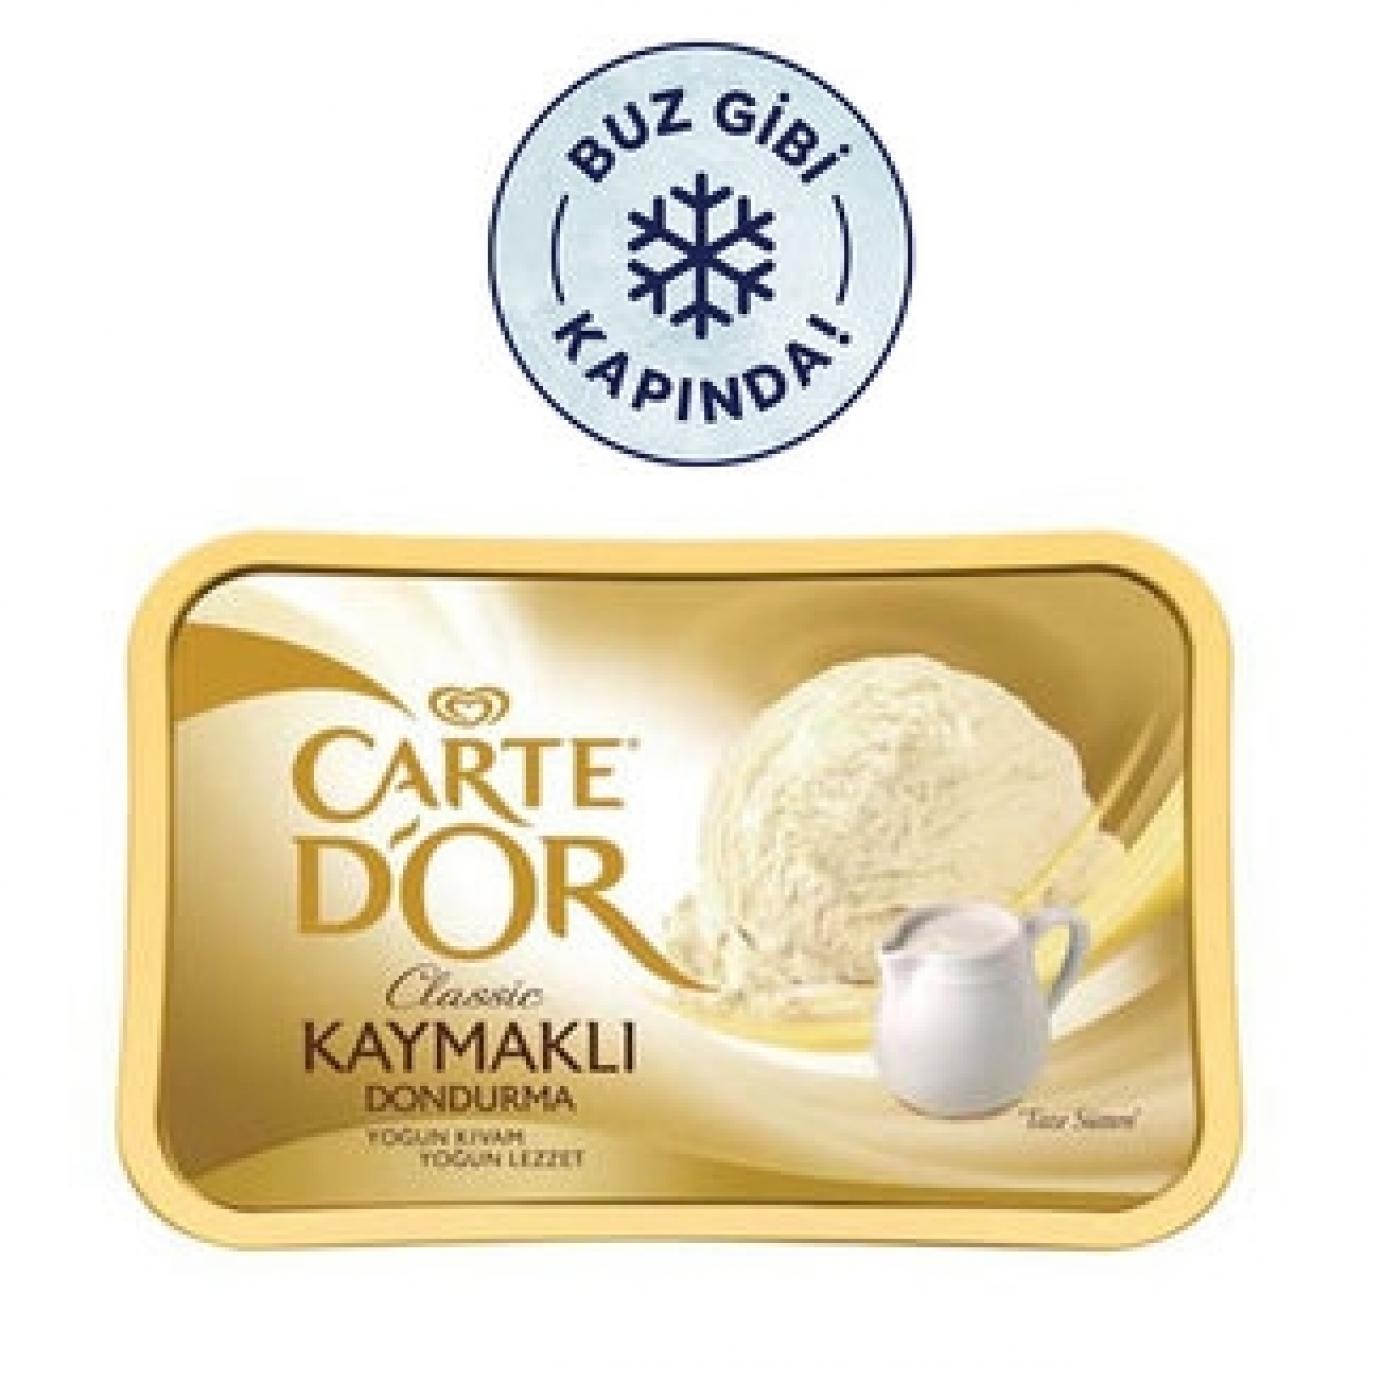 CARTEDOR 925ML CLASSIC KAYMAK